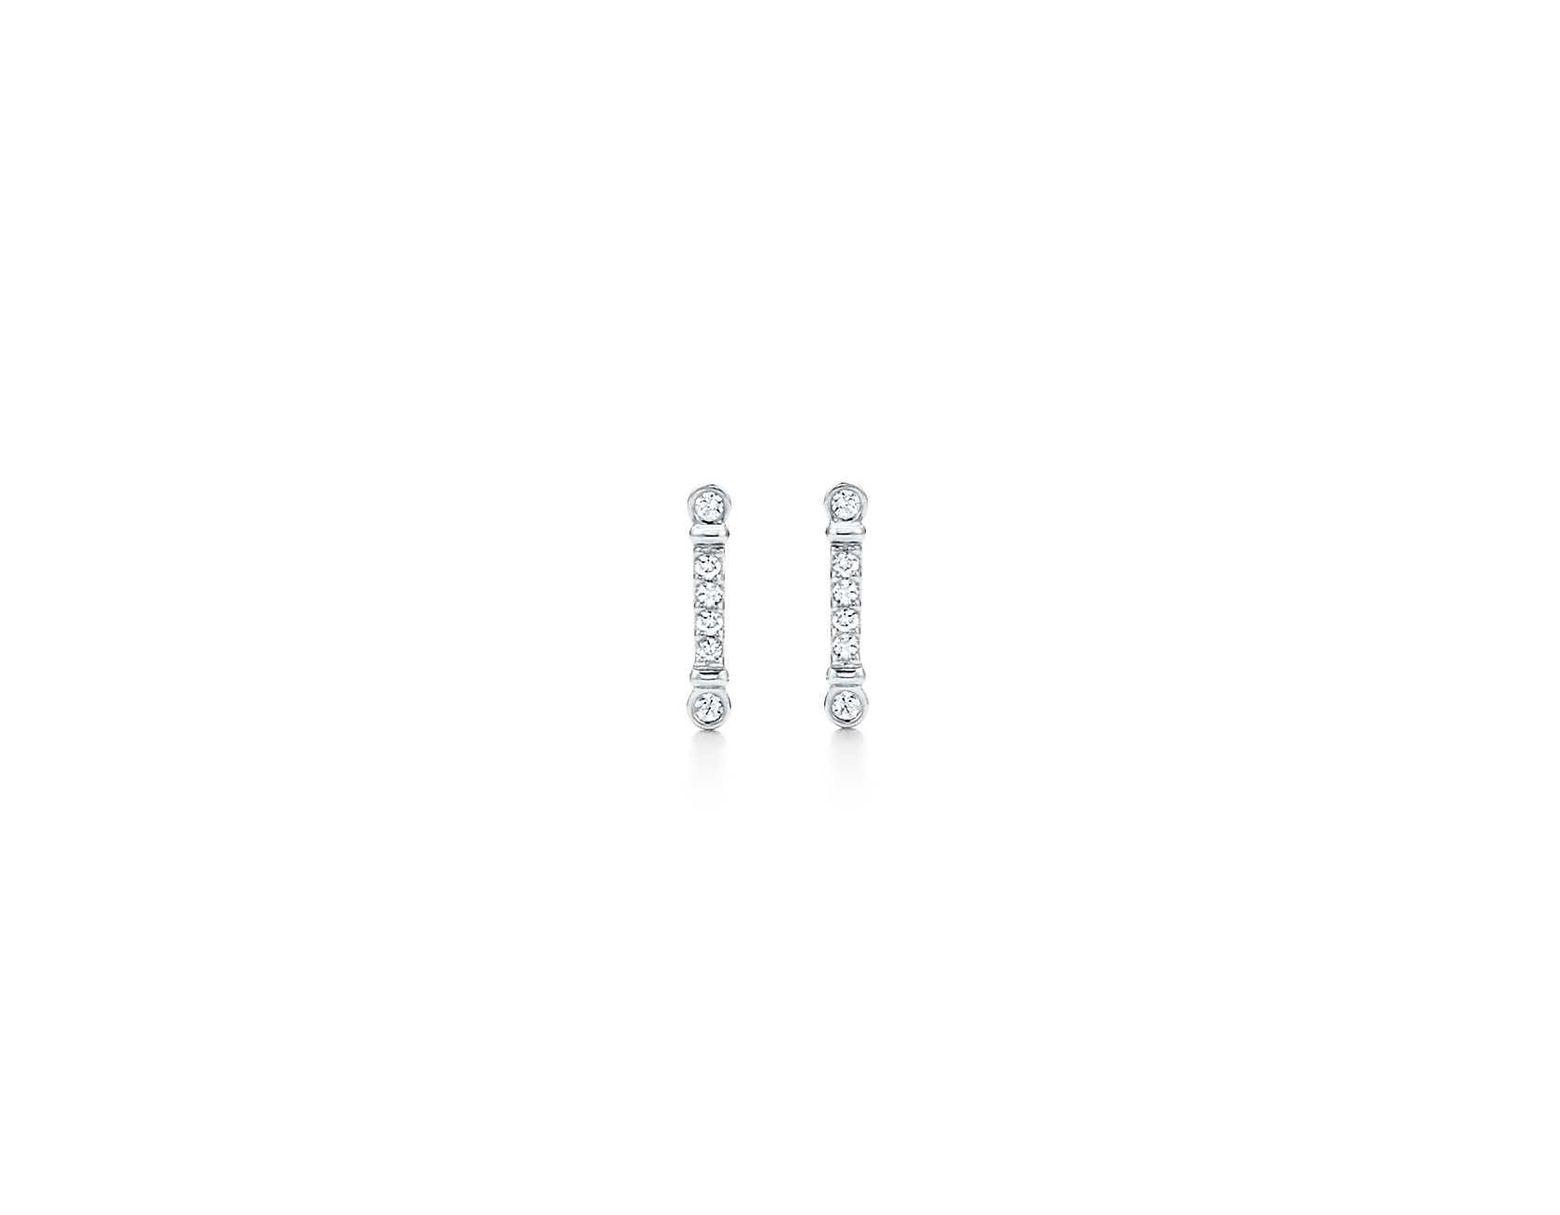 bb9bb7f8f36a5 Tiffany & Co. Tiffany Fleur De Lis Key Bar Earrings In Platinum With ...